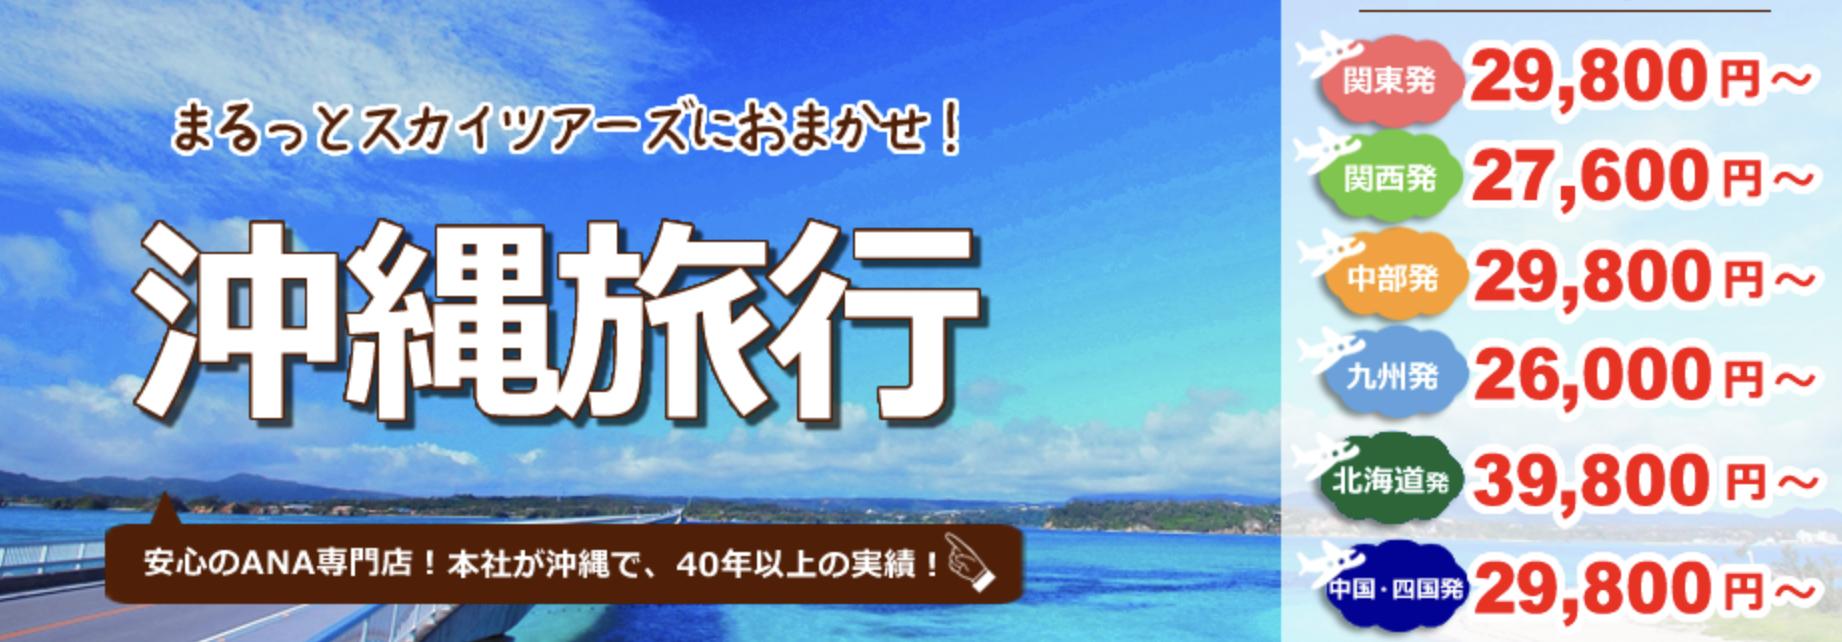 ANAスカイツアーズの沖縄特集キャンペーン